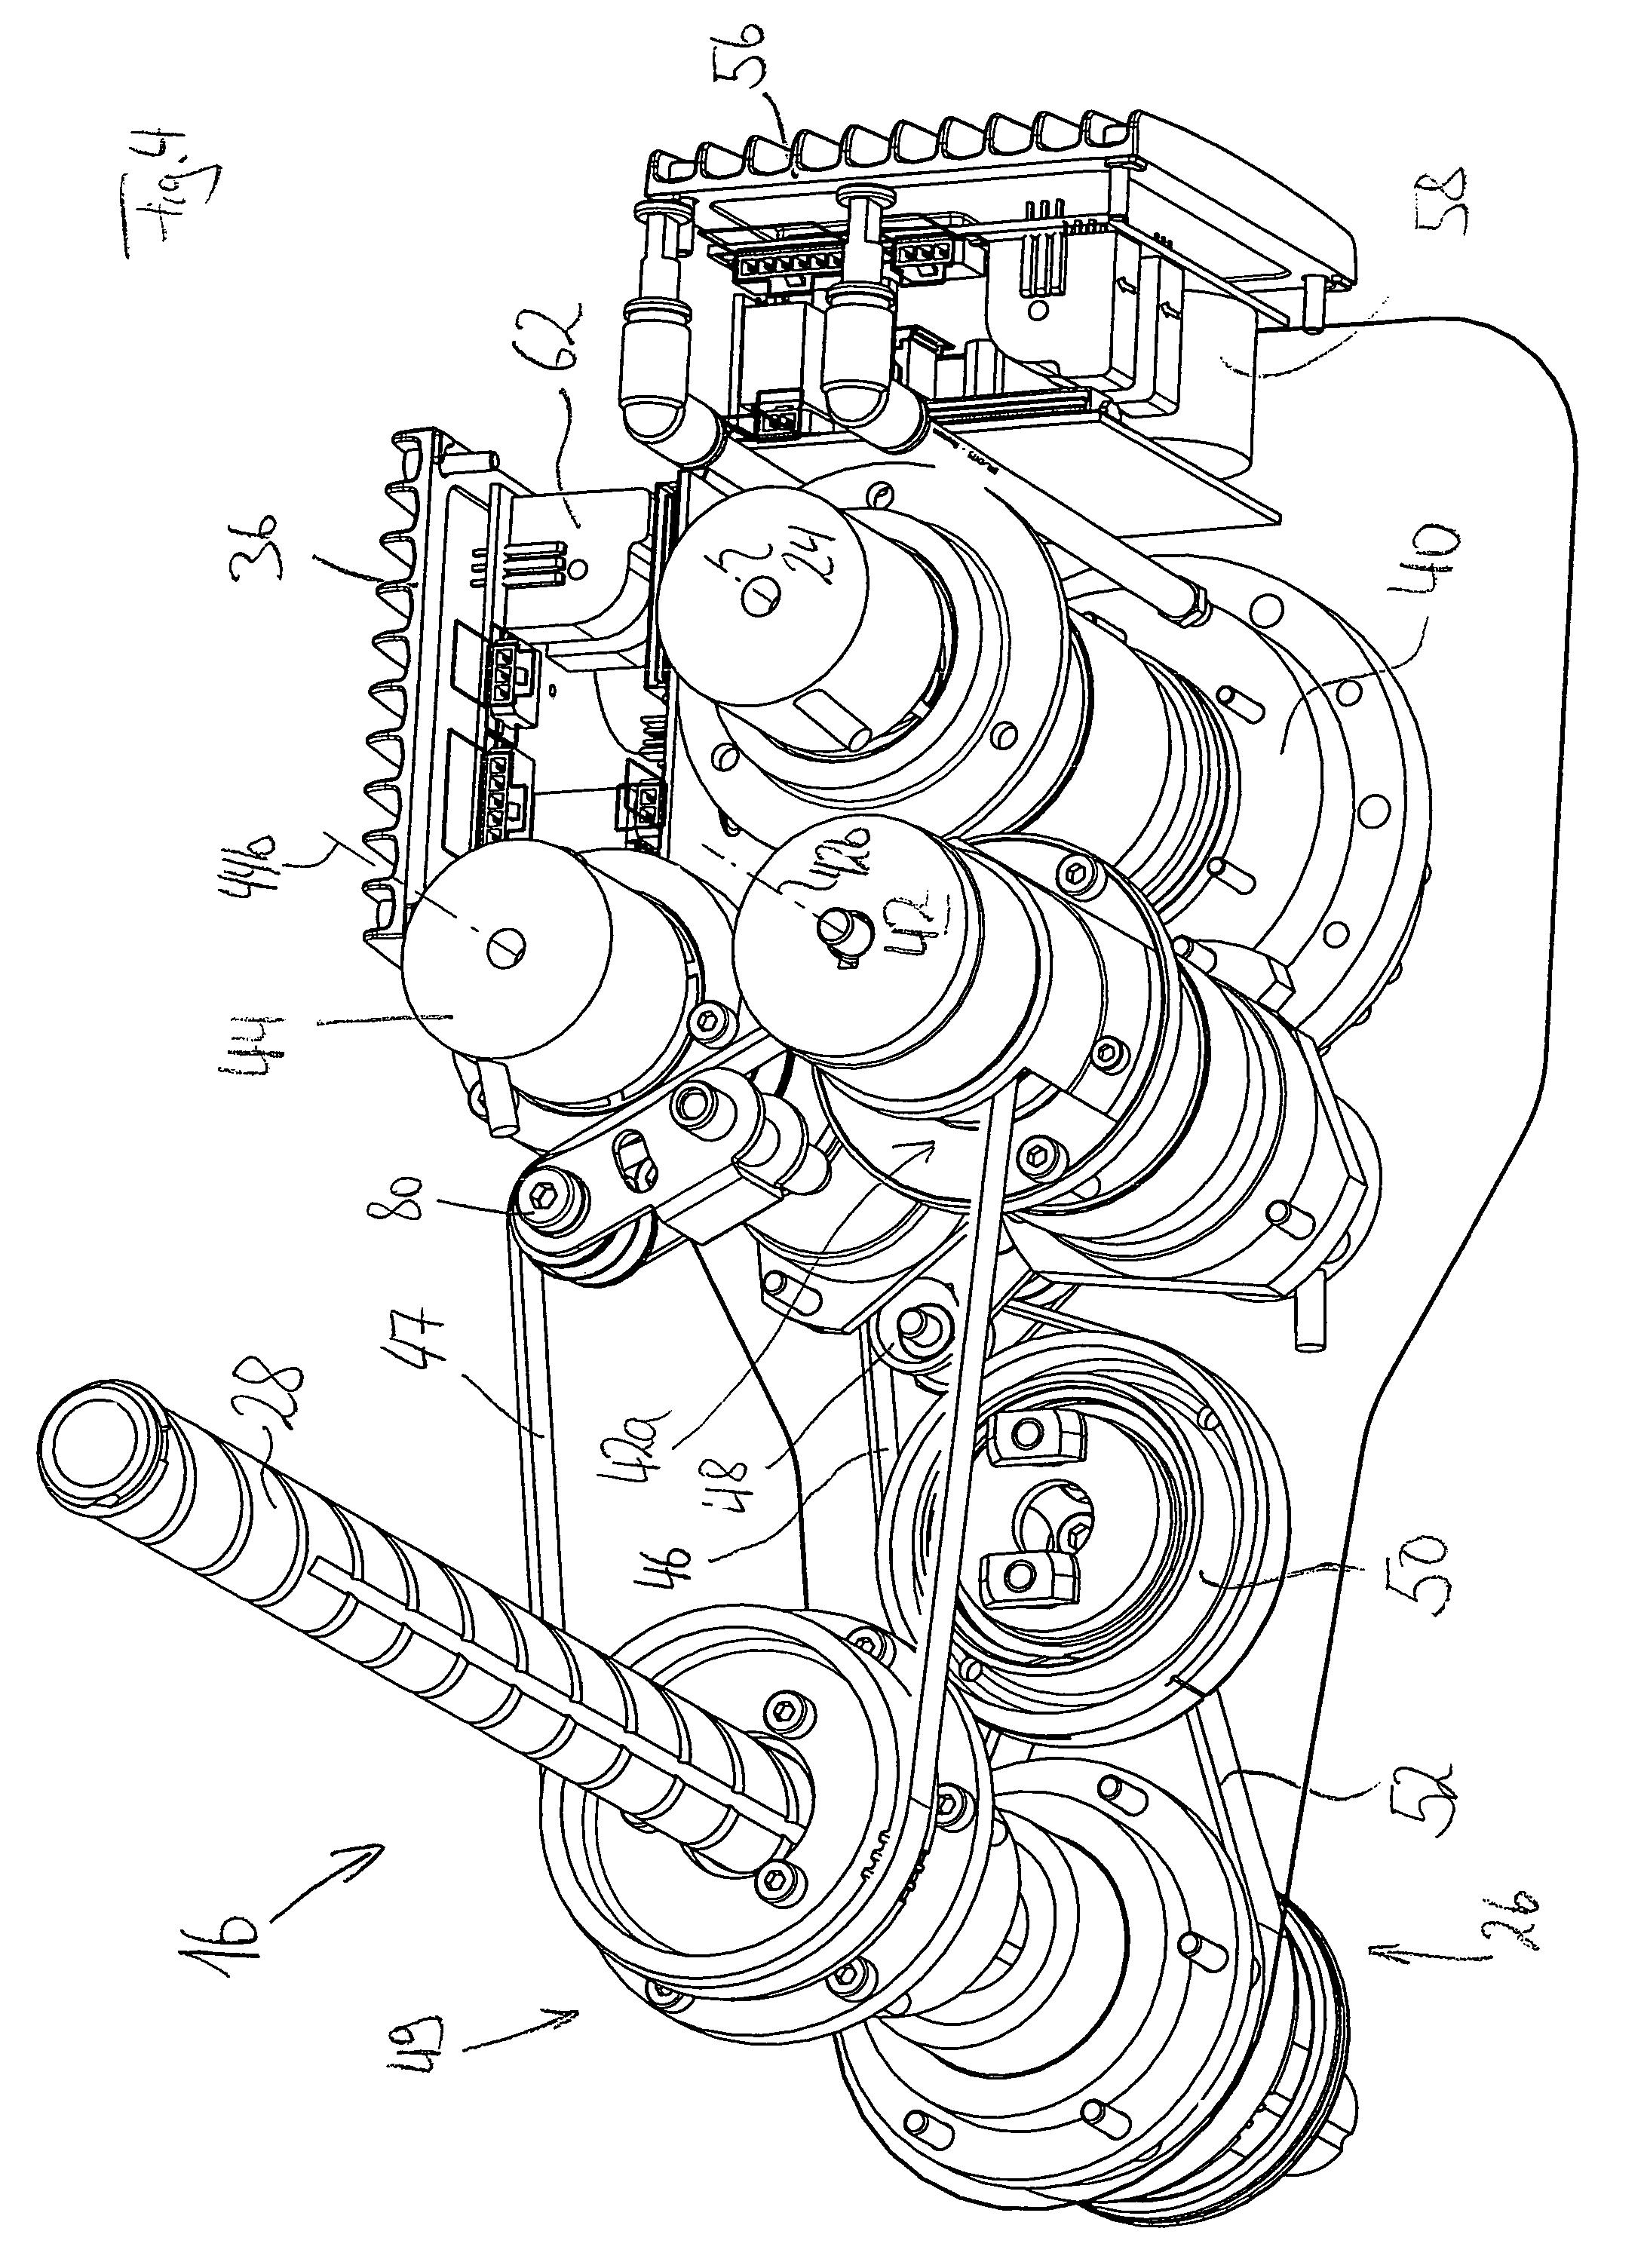 Kuka Robot Wiring Diagram Wiring Diagram